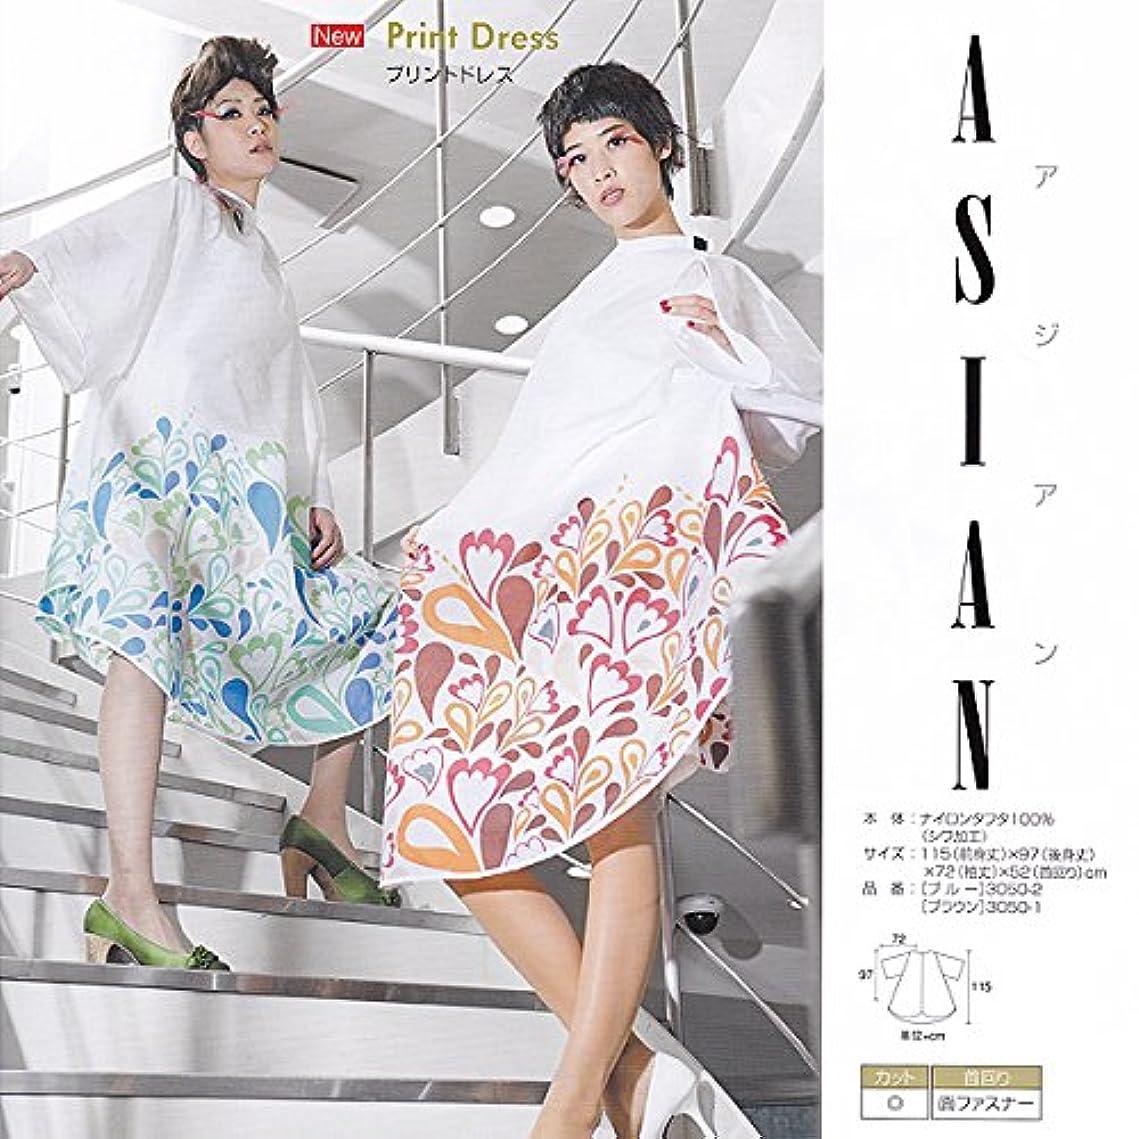 ガジュマル分配しますエンジニアリングWAKO ASIAN アジアンプリントドレス №3050 3050-2(アジアンブルー) 115(前身丈)×97(後身丈)×72(袖丈)×52(首回リ)